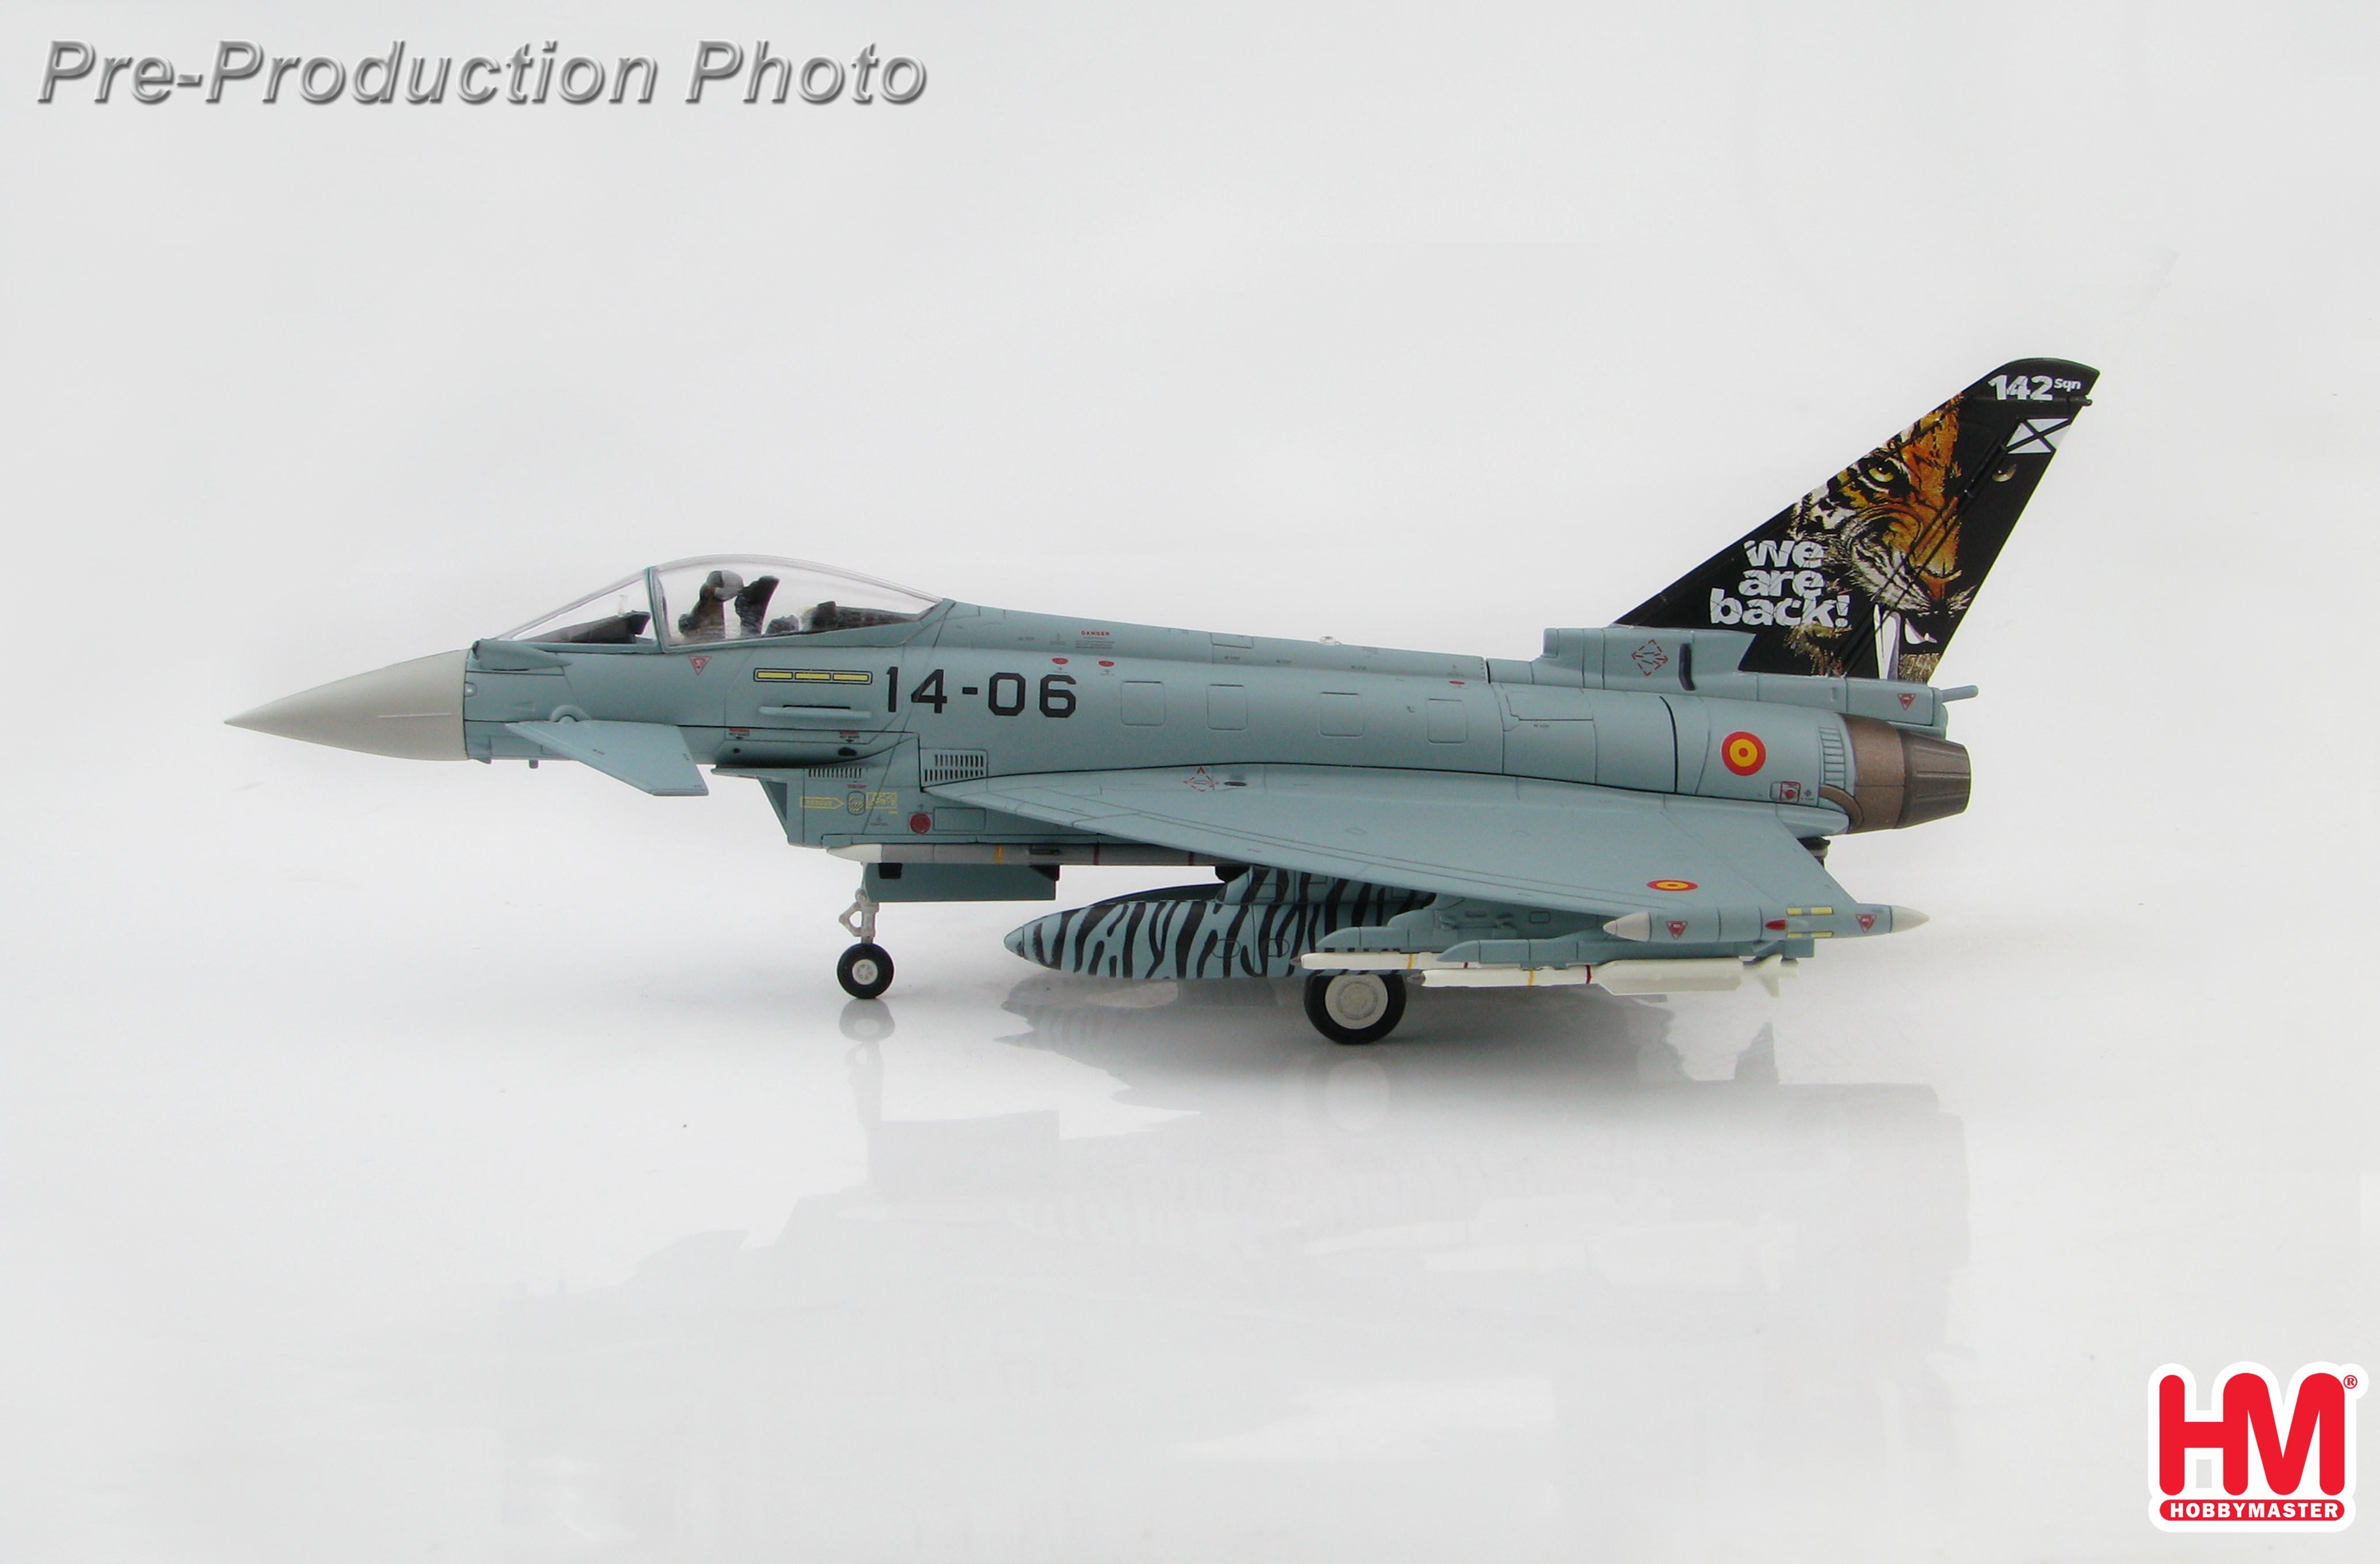 hobby Master 1:72,neu 9//19 /& Ha19009 f-4e Phantom II USAF Desert Storm 1991